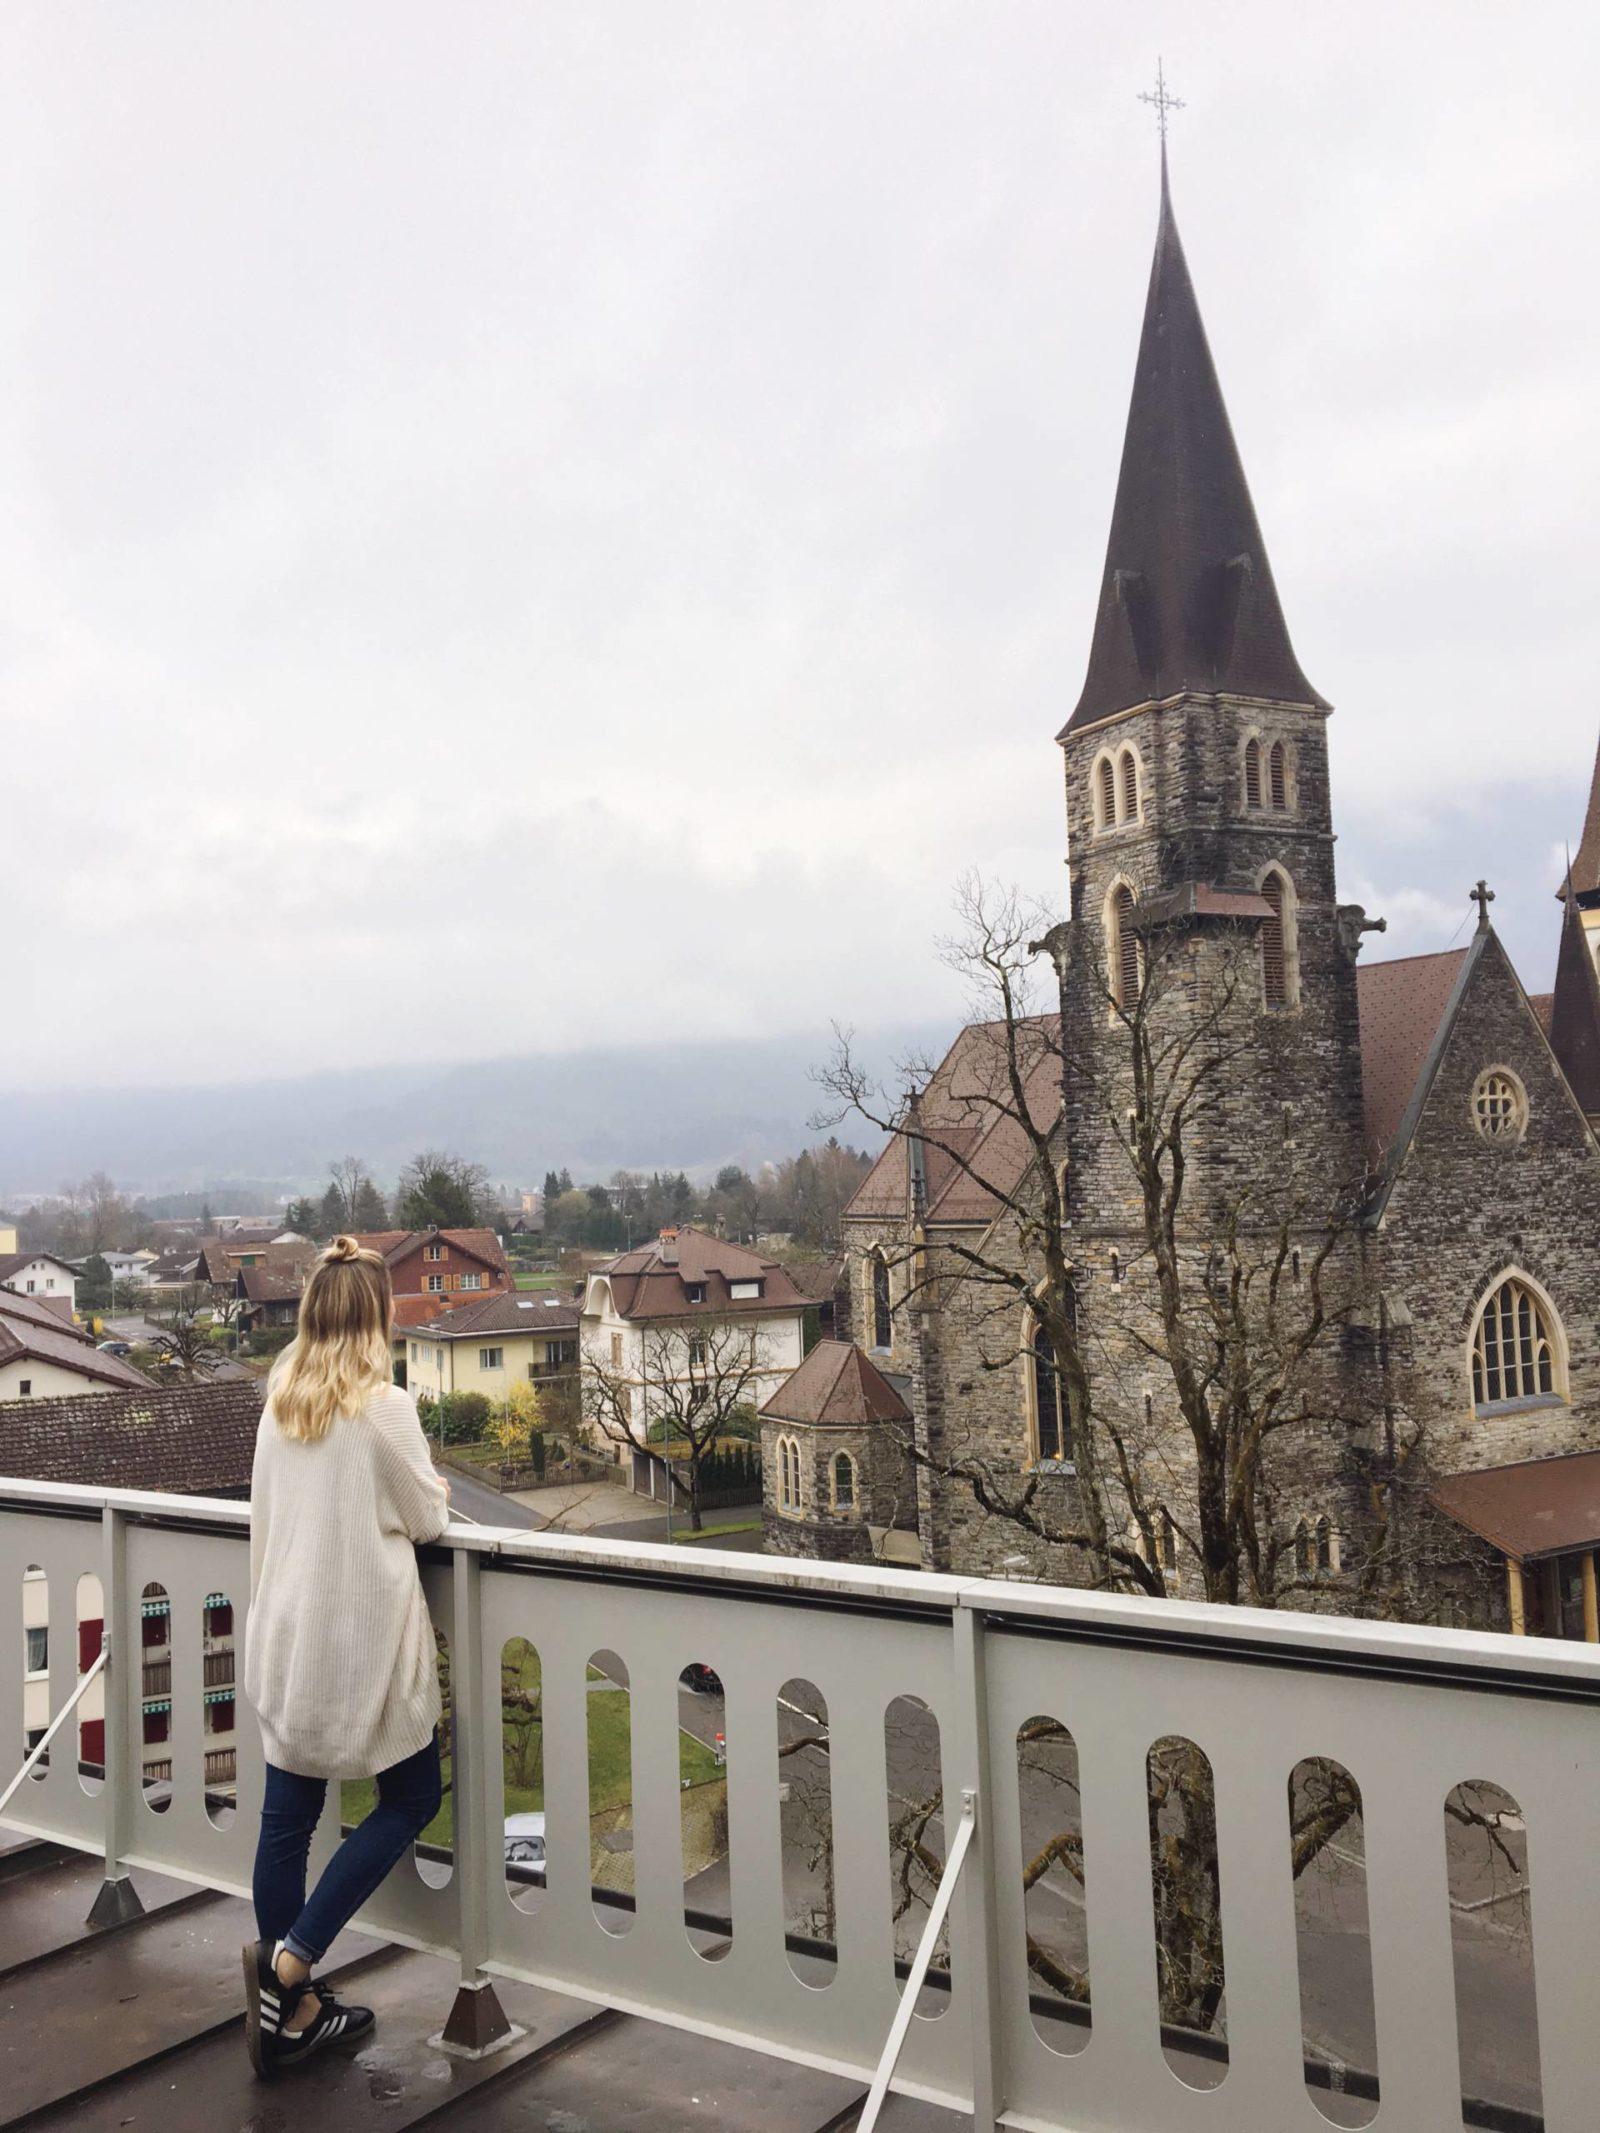 Waking up in Interlaken Switzerland